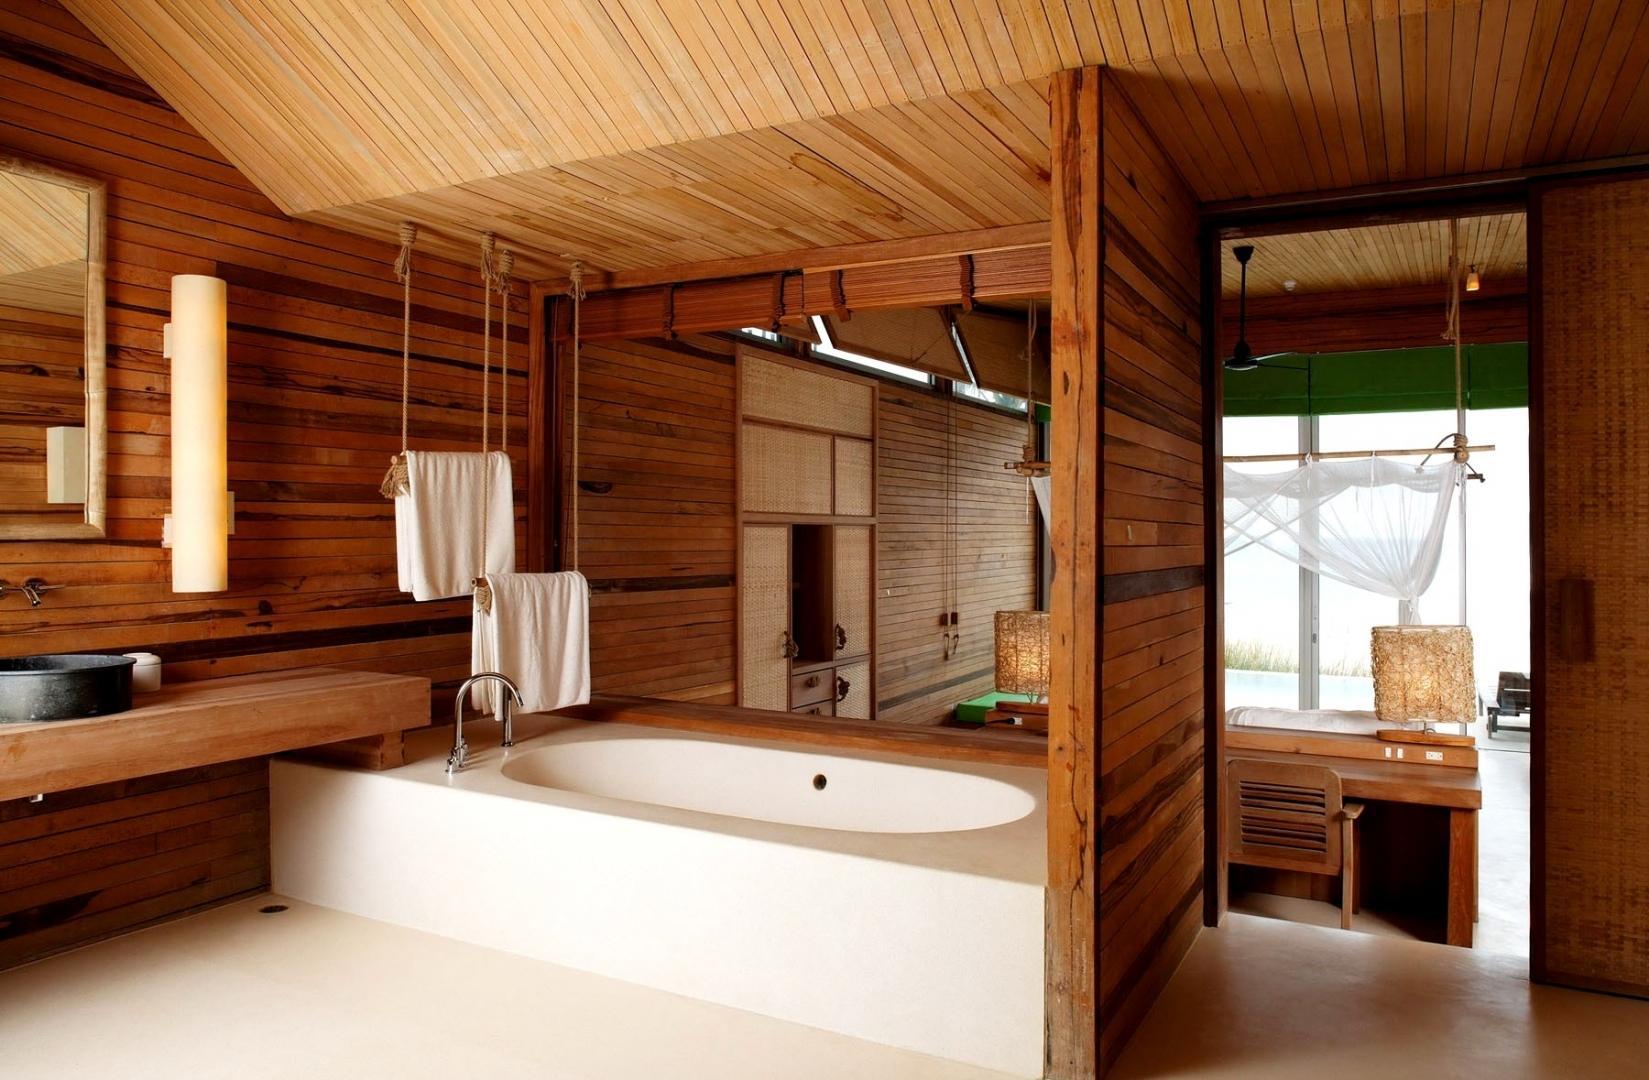 Фотографии дизайна домов квартир заведение